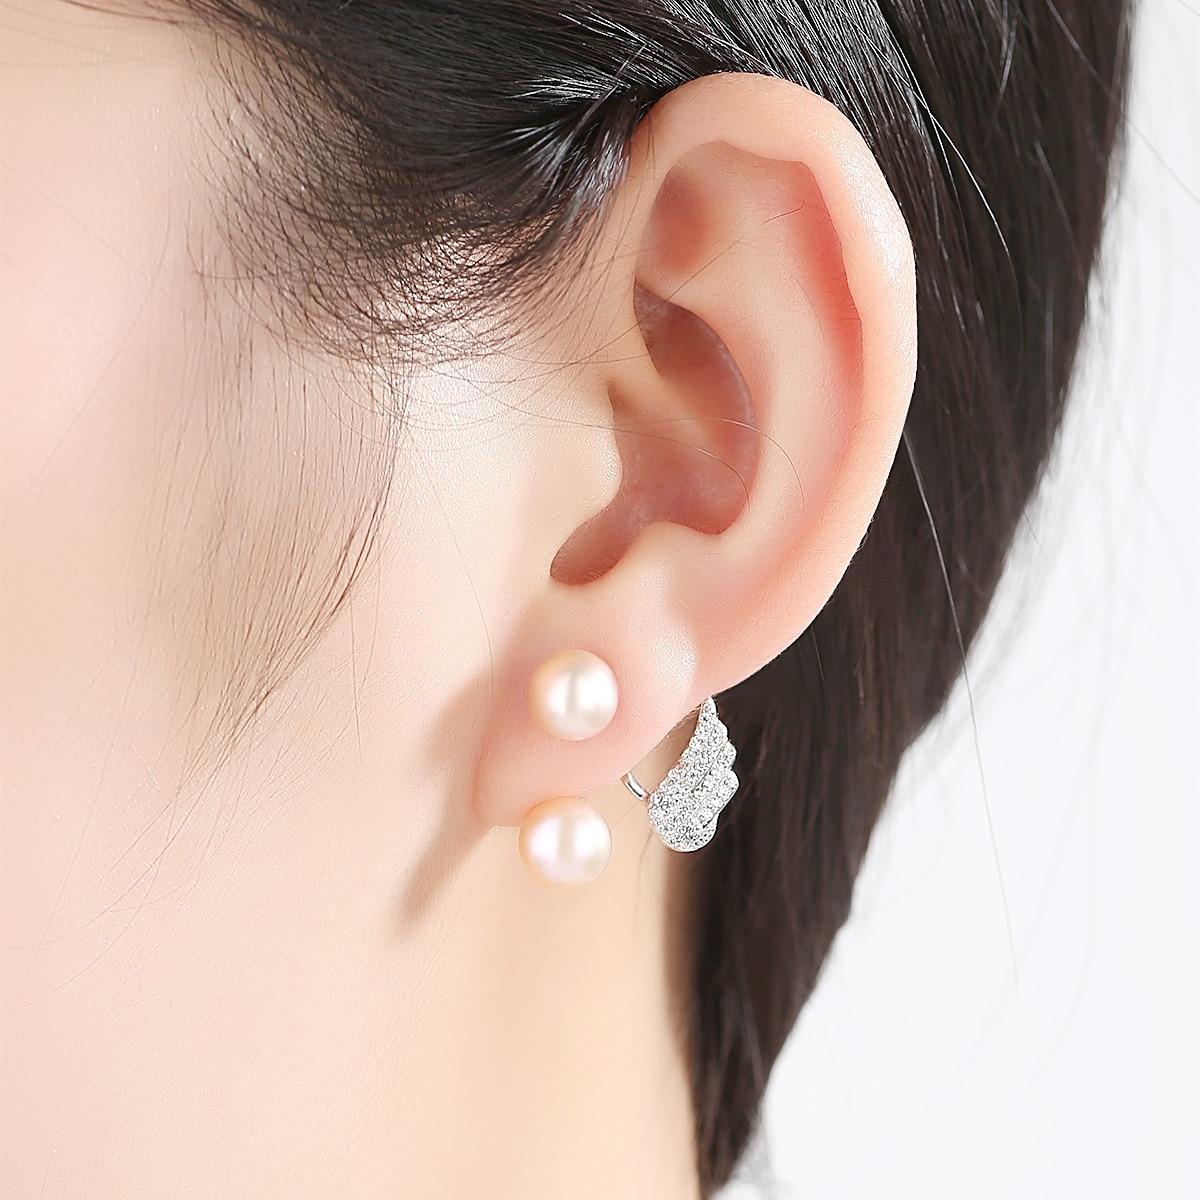 YUEYIN Earrings 2019 100 Real Silver Stud Earrings for Women Angel Wings Earrings Nature Pearl Earrings White Pink Wholesale in Earrings from Jewelry Accessories